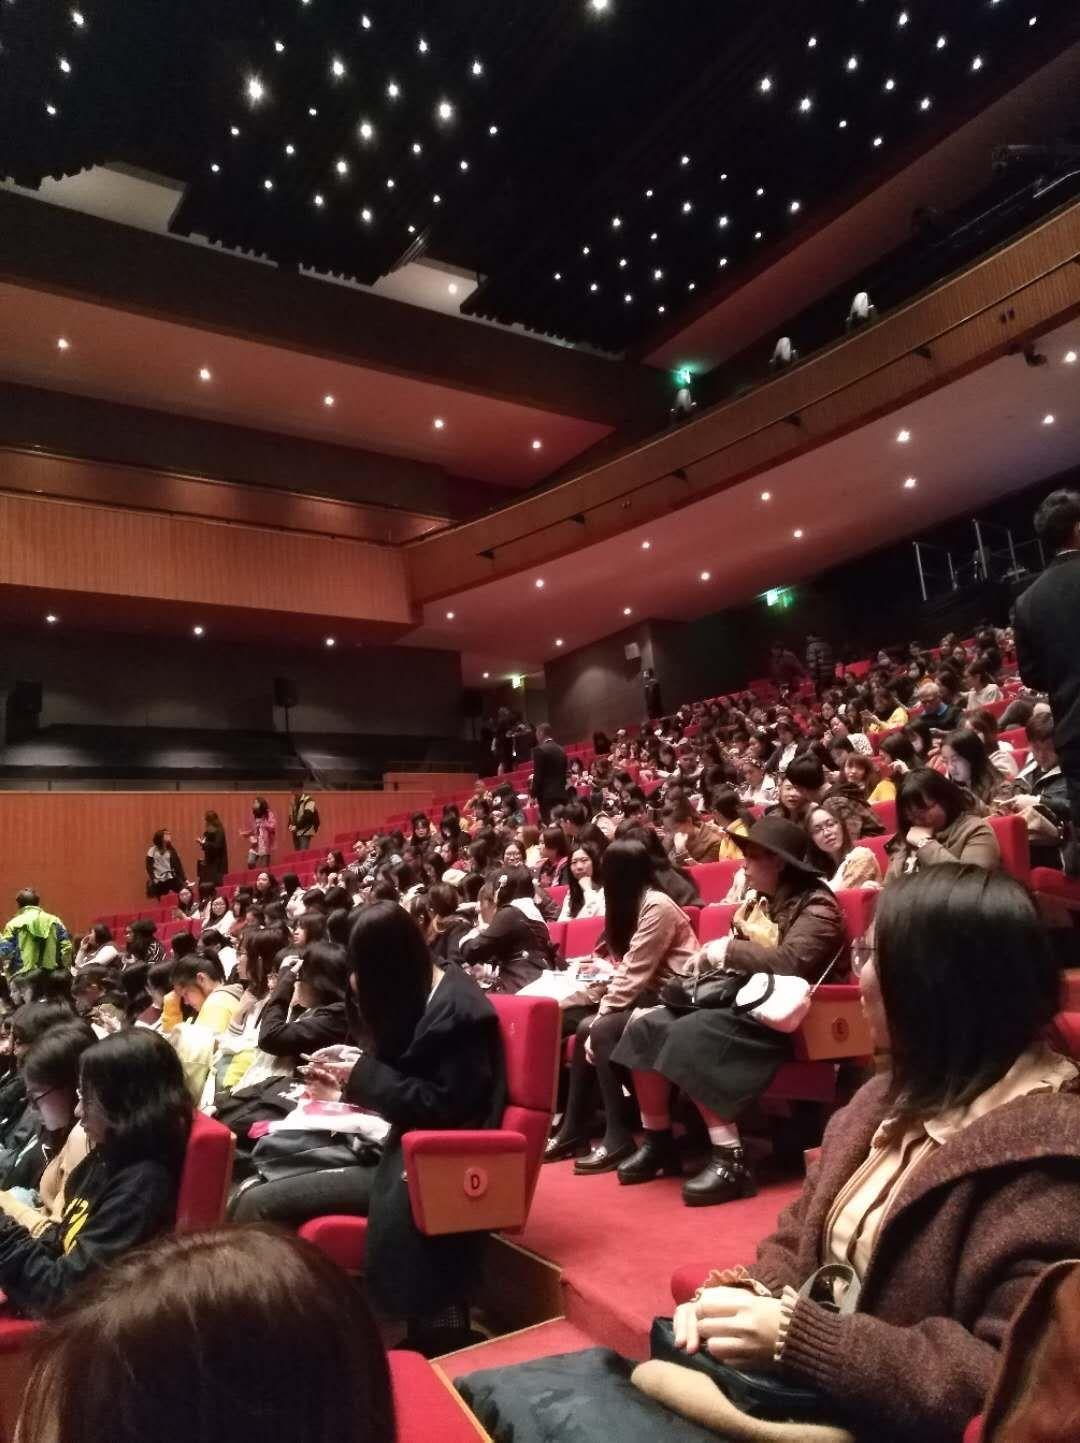 觀眾:雖為偶像而來但收穫了打動人心的好電影